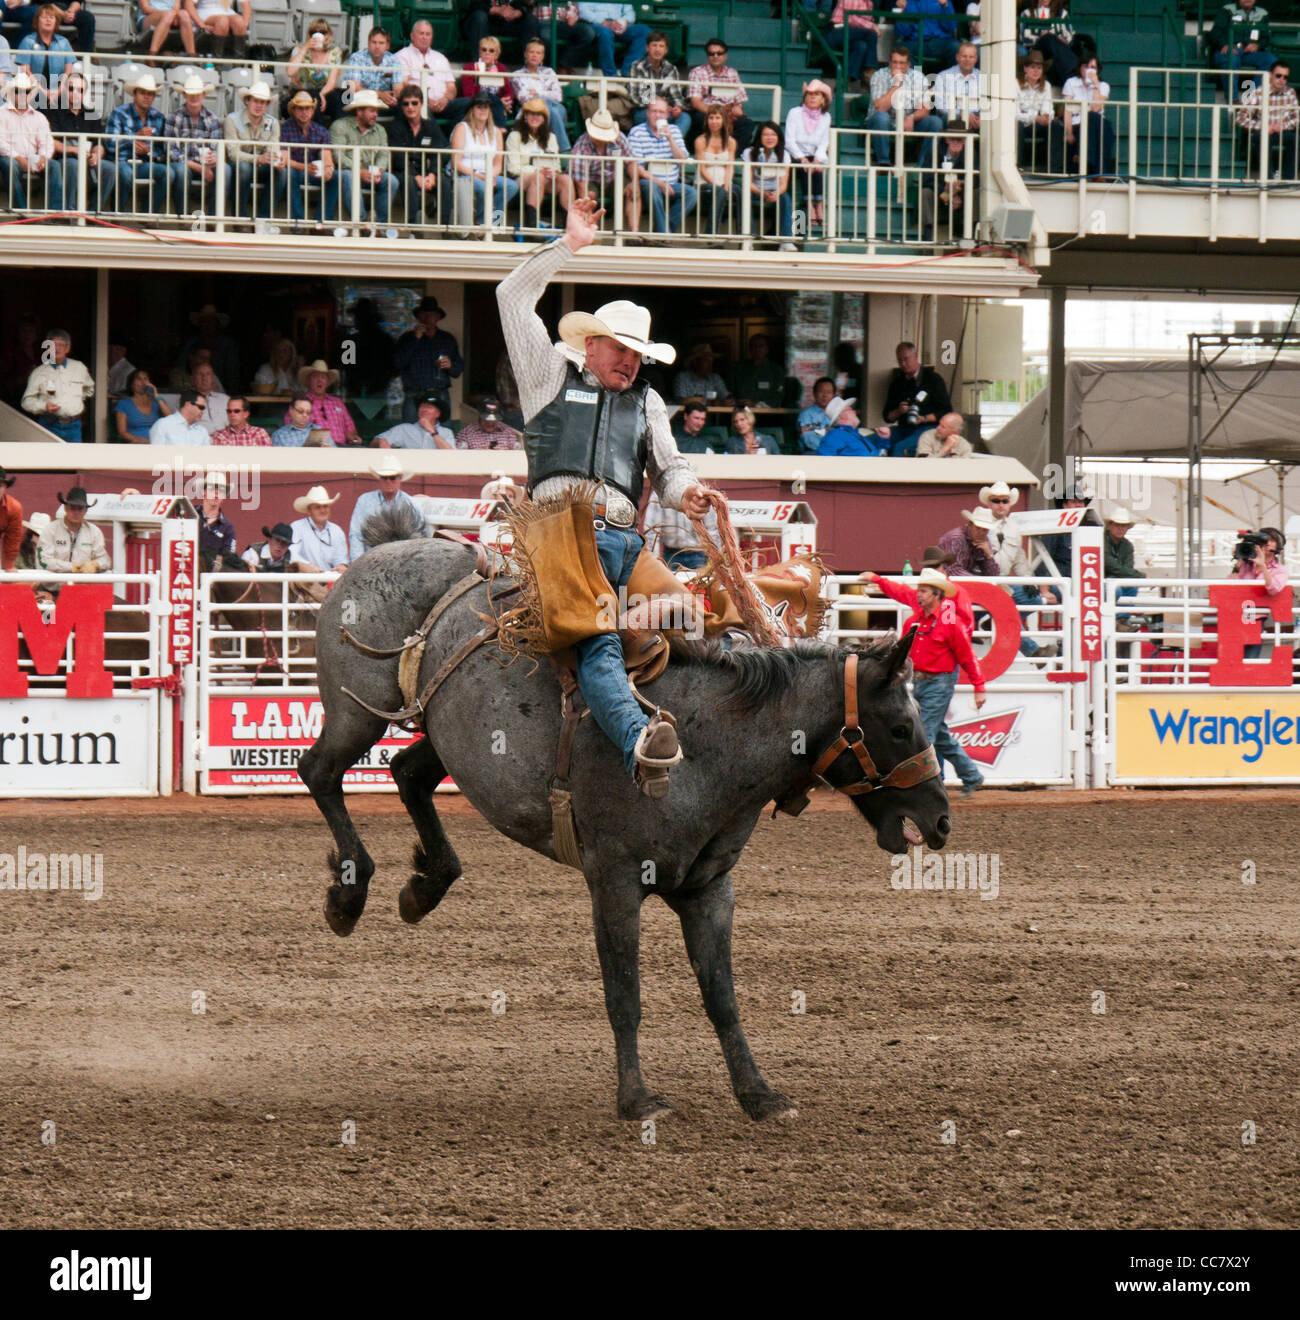 Bareback rodeo evento a Calgary Stampede in Canada Immagini Stock